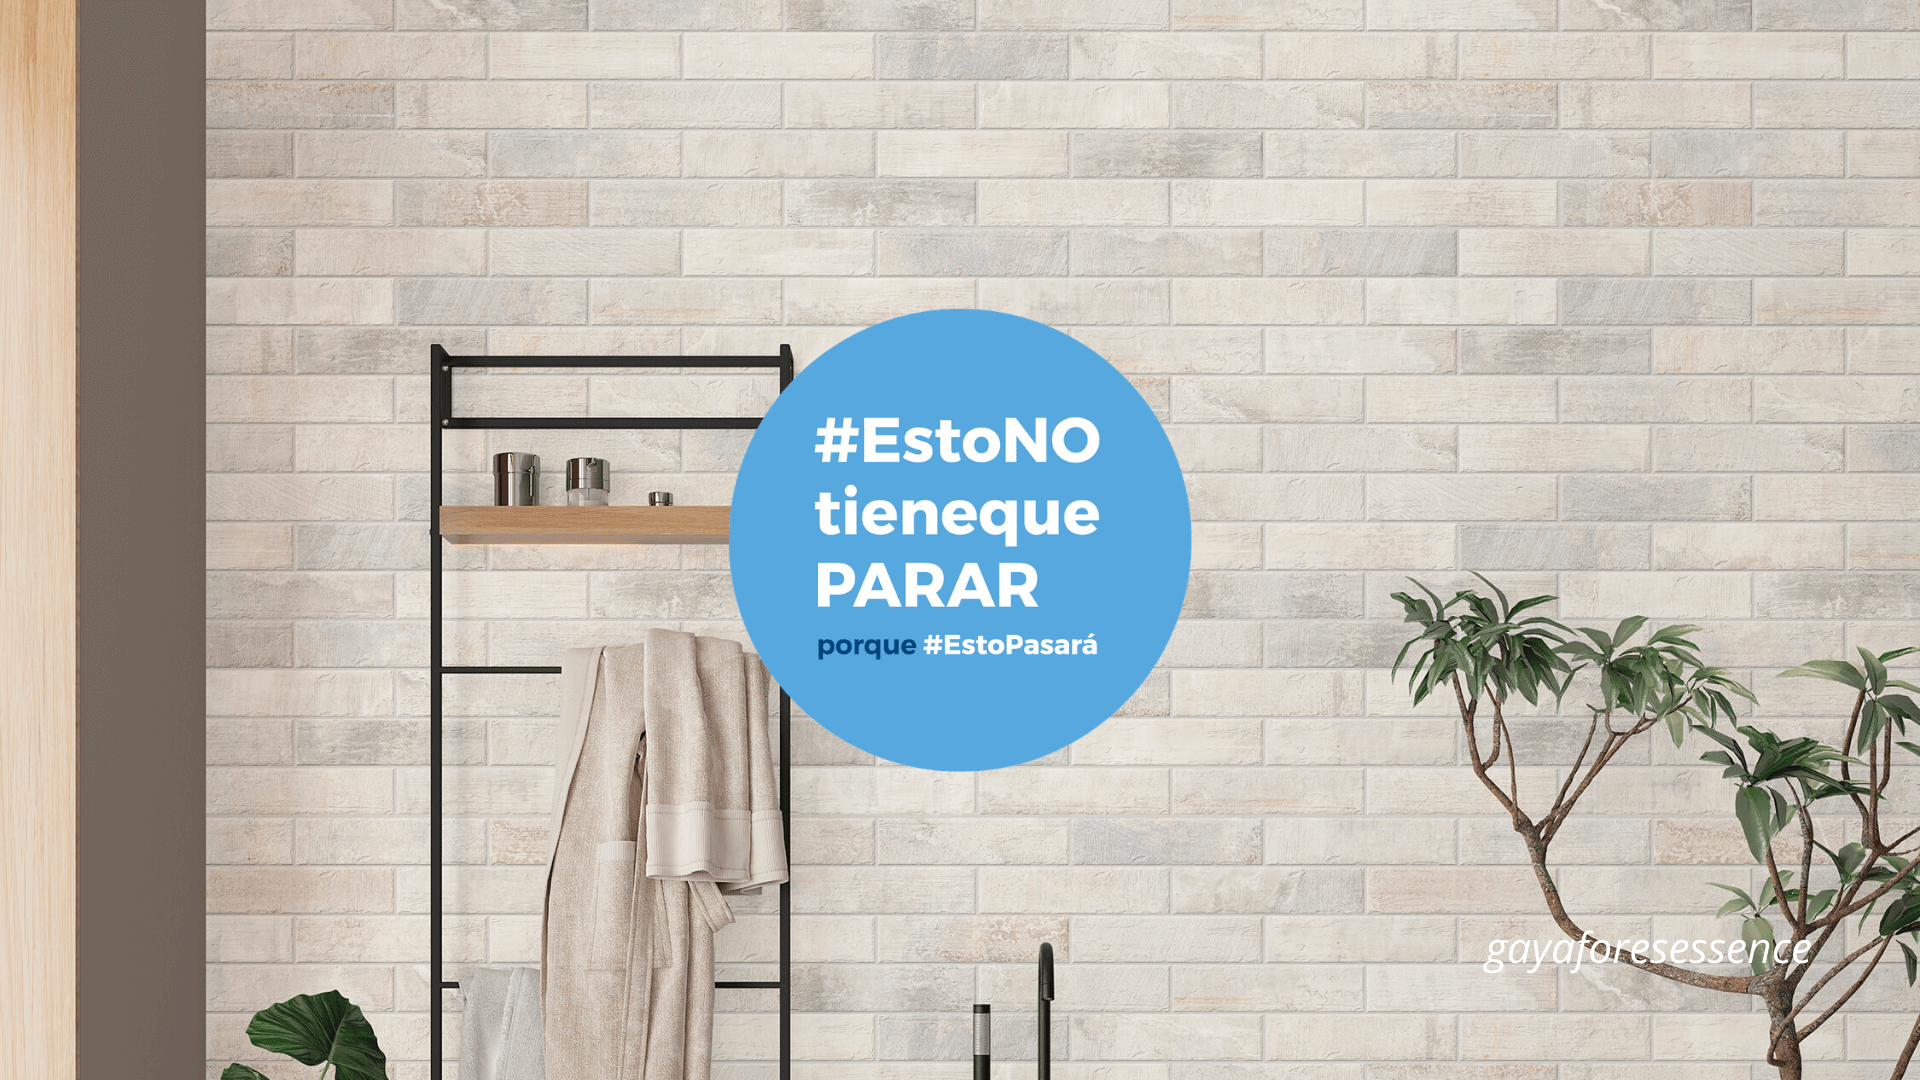 Gayafores #EstoNOtienequePARAR 2